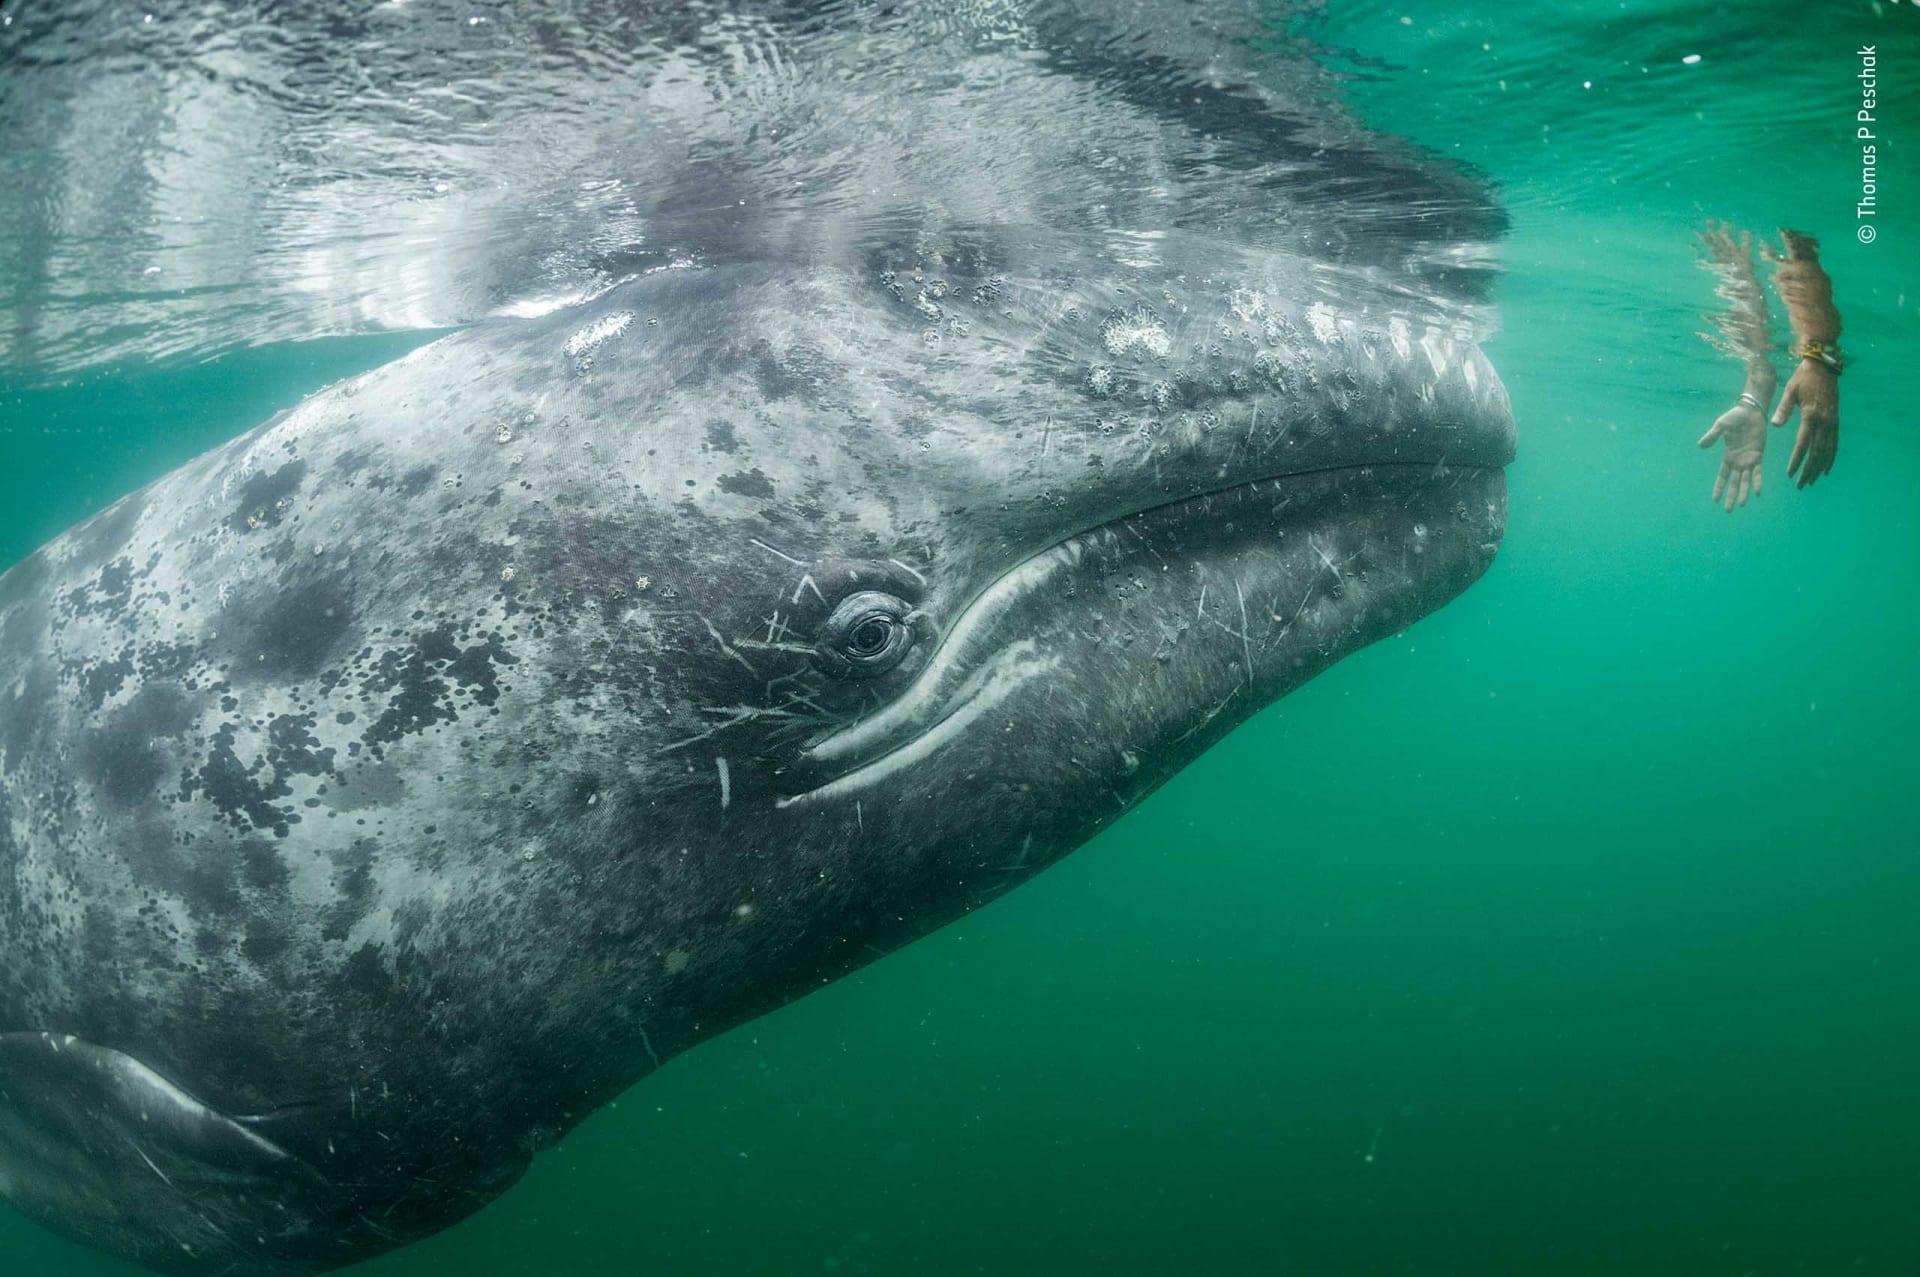 إليك بعض من أروع اللقطات من مسابقة مصور الحياة البرية لعام 2019